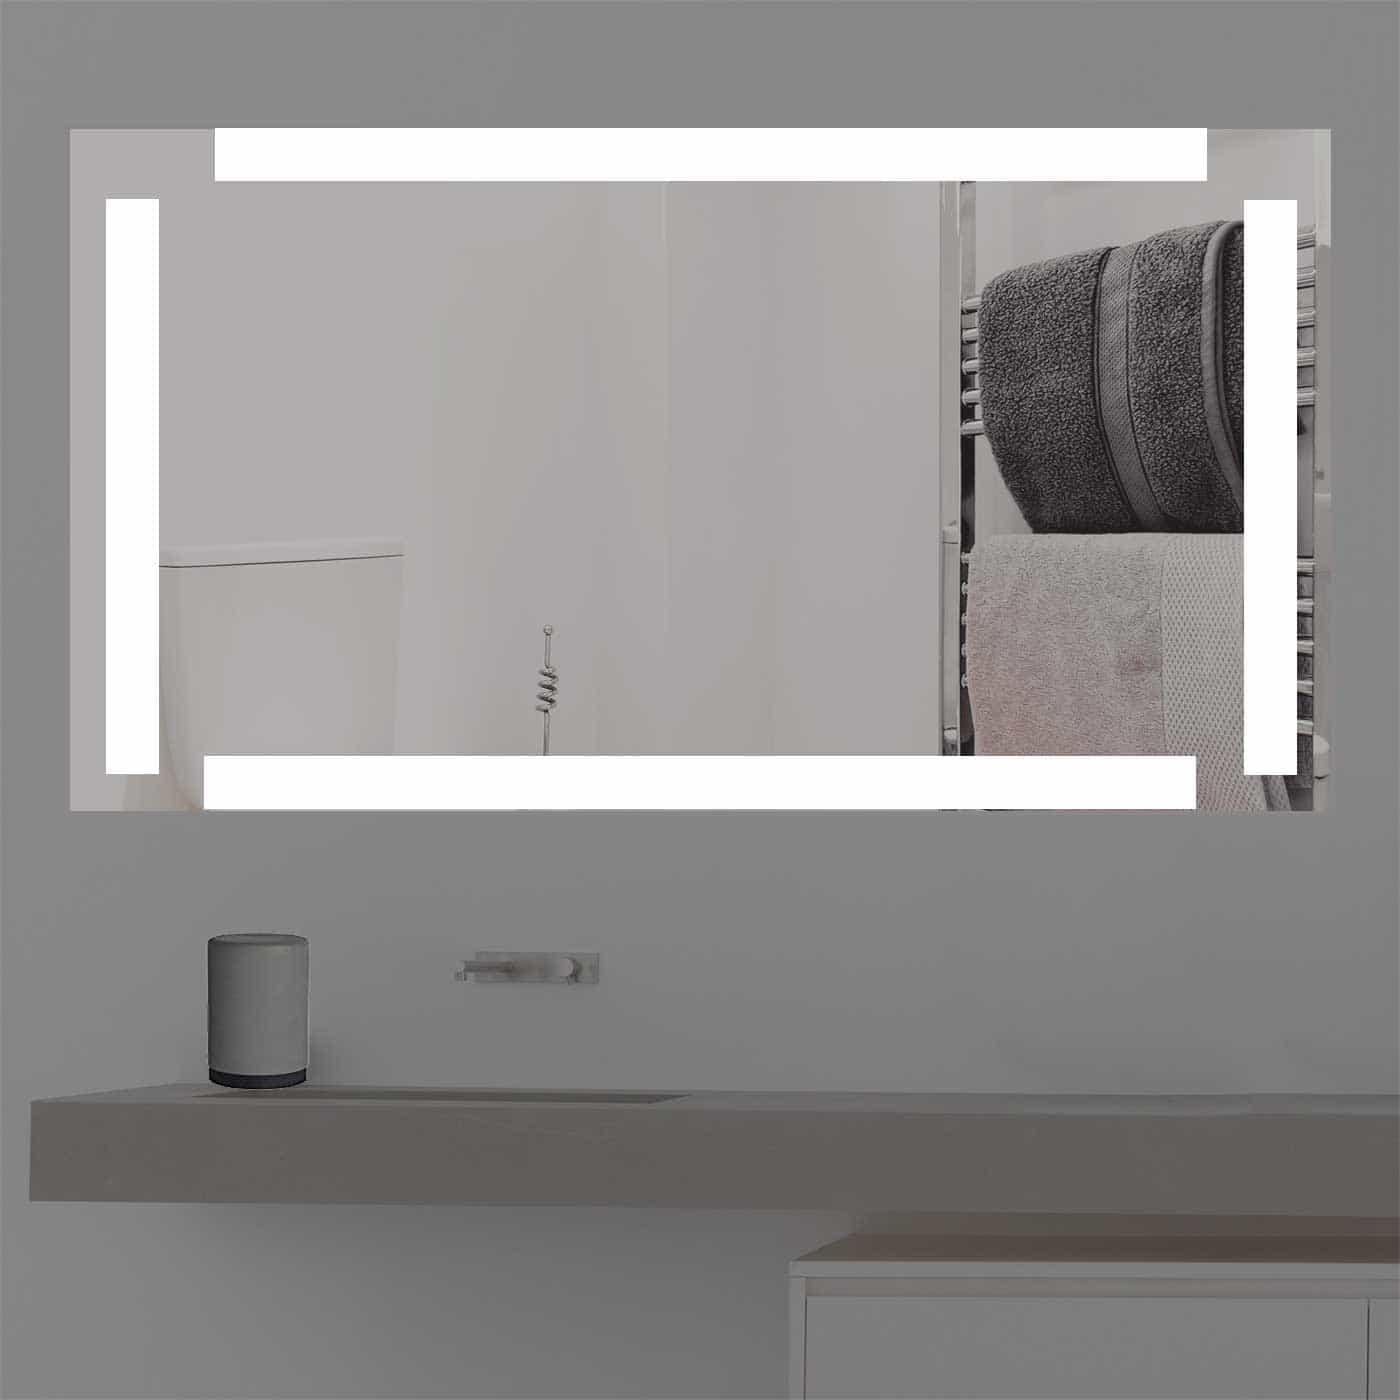 badspiegel beleuchtet online kaufen k1489. Black Bedroom Furniture Sets. Home Design Ideas